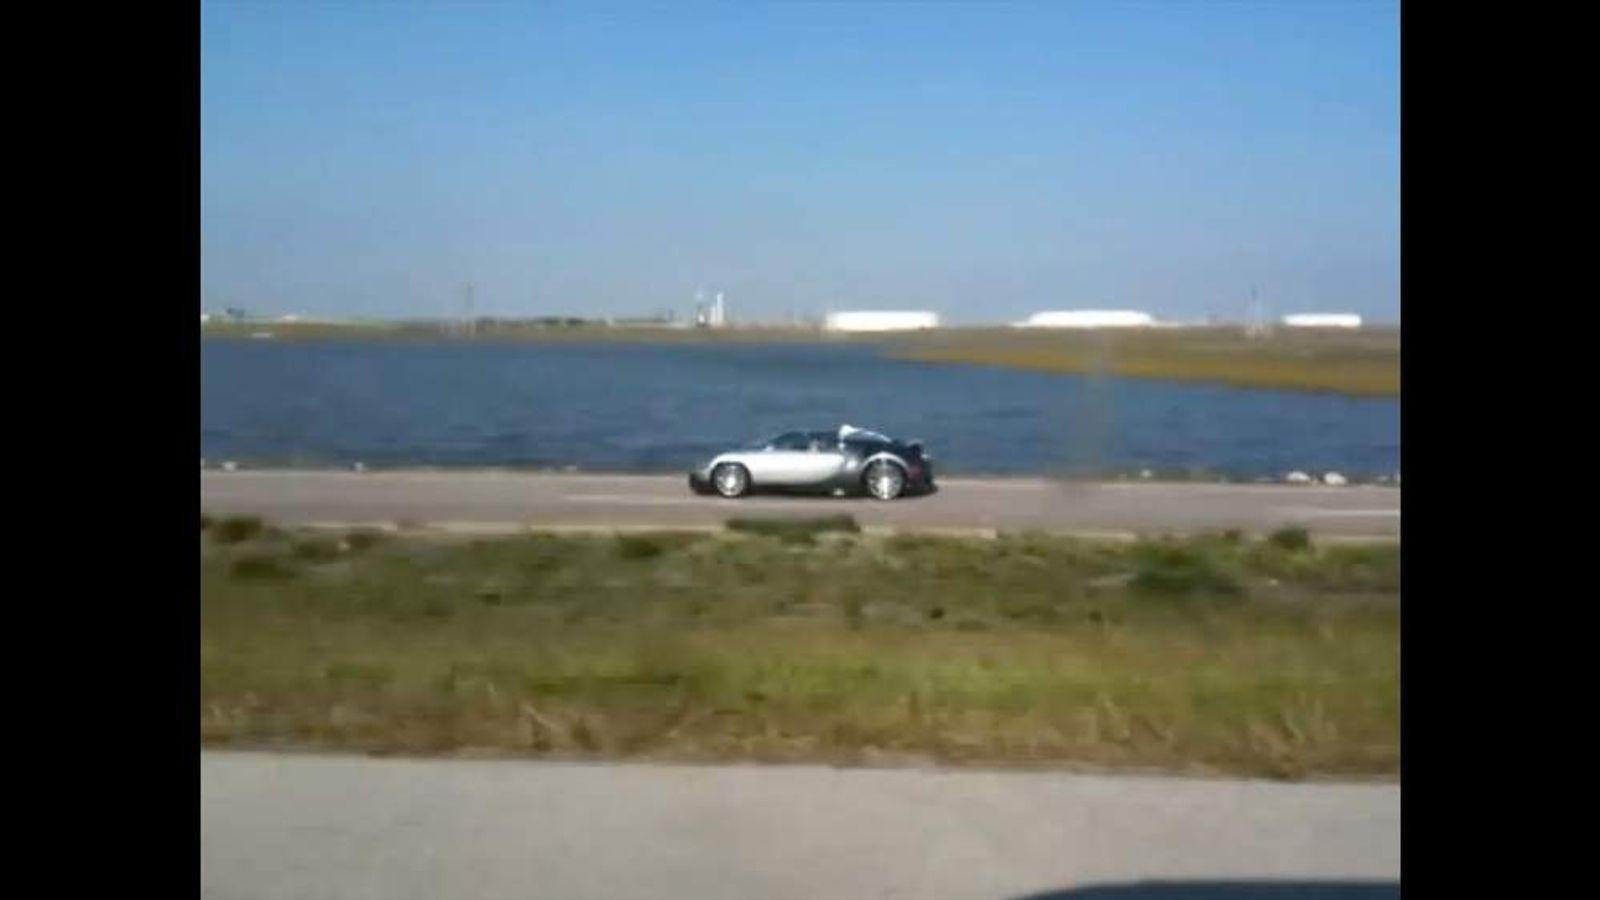 Bugatti deliberately driven into Lake near Galveston Texas